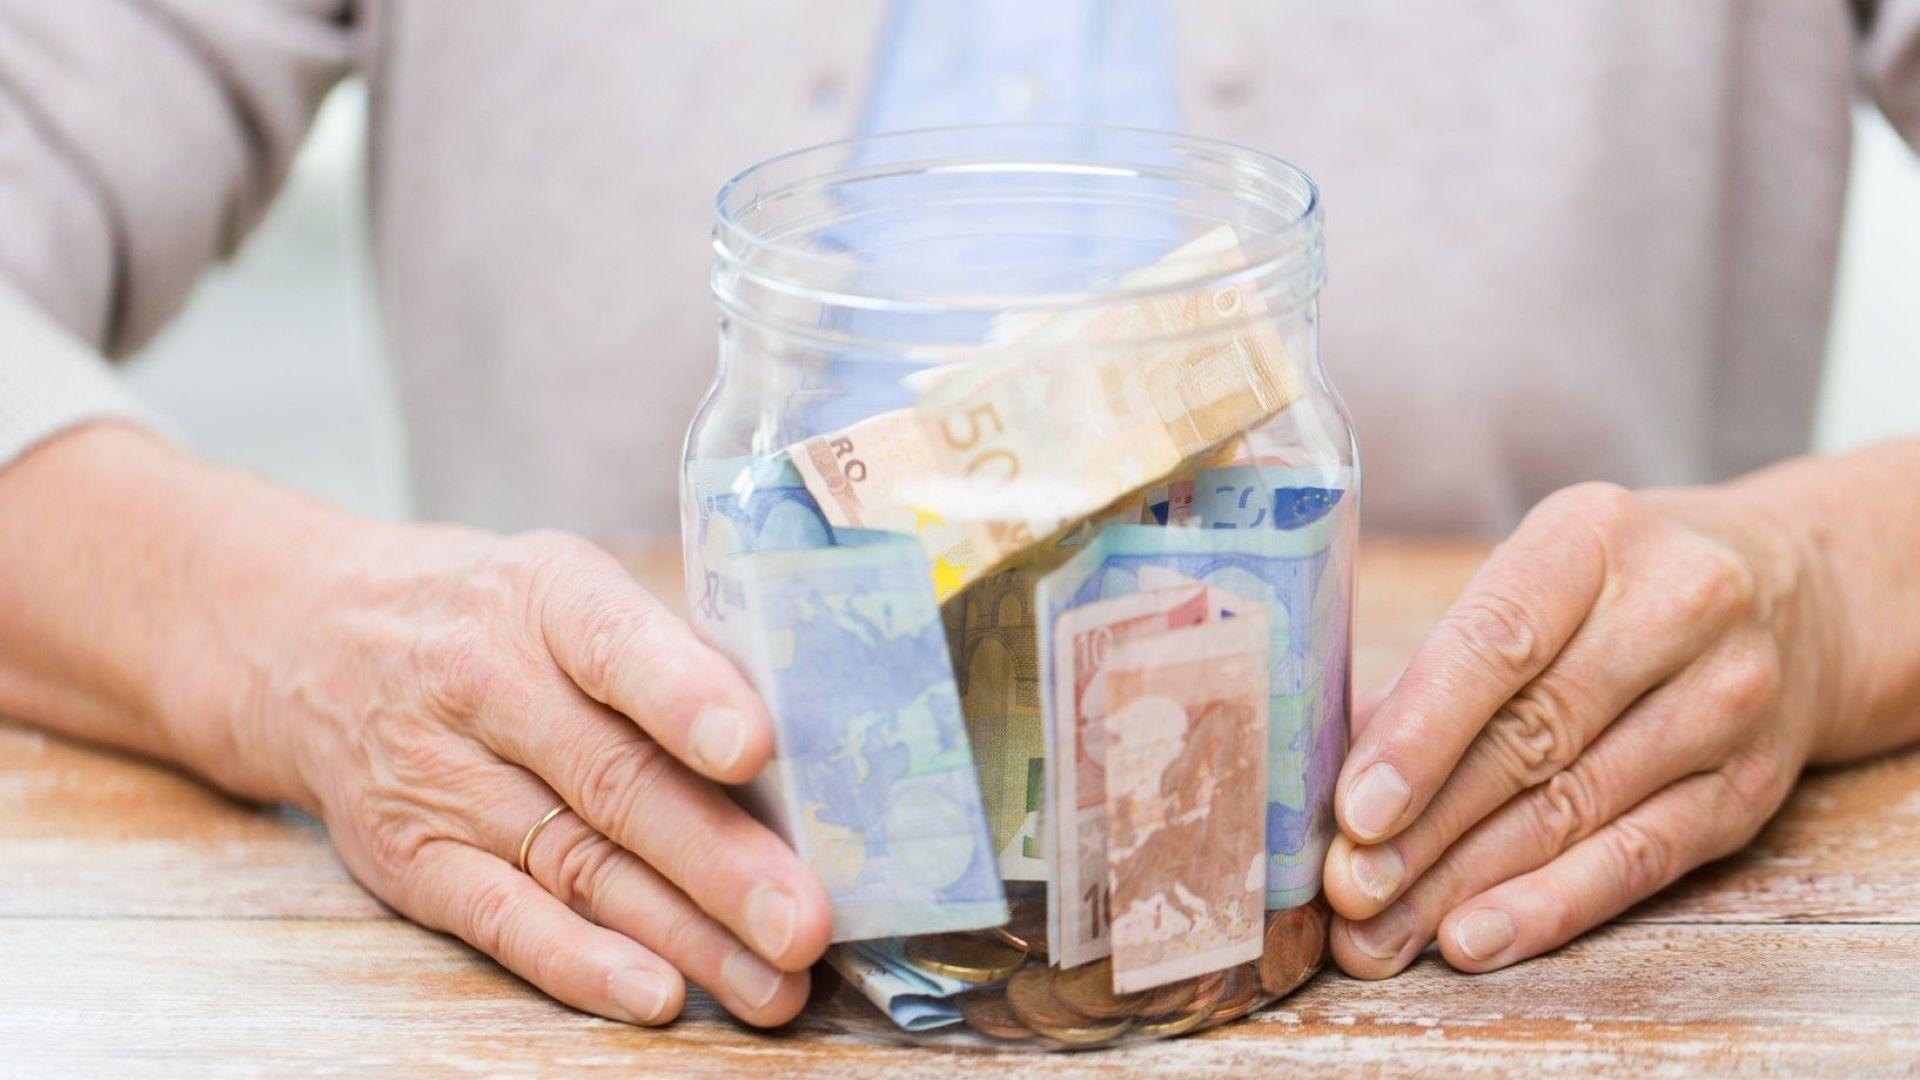 4.6 милиона българи се осигуряват за втора пенсия